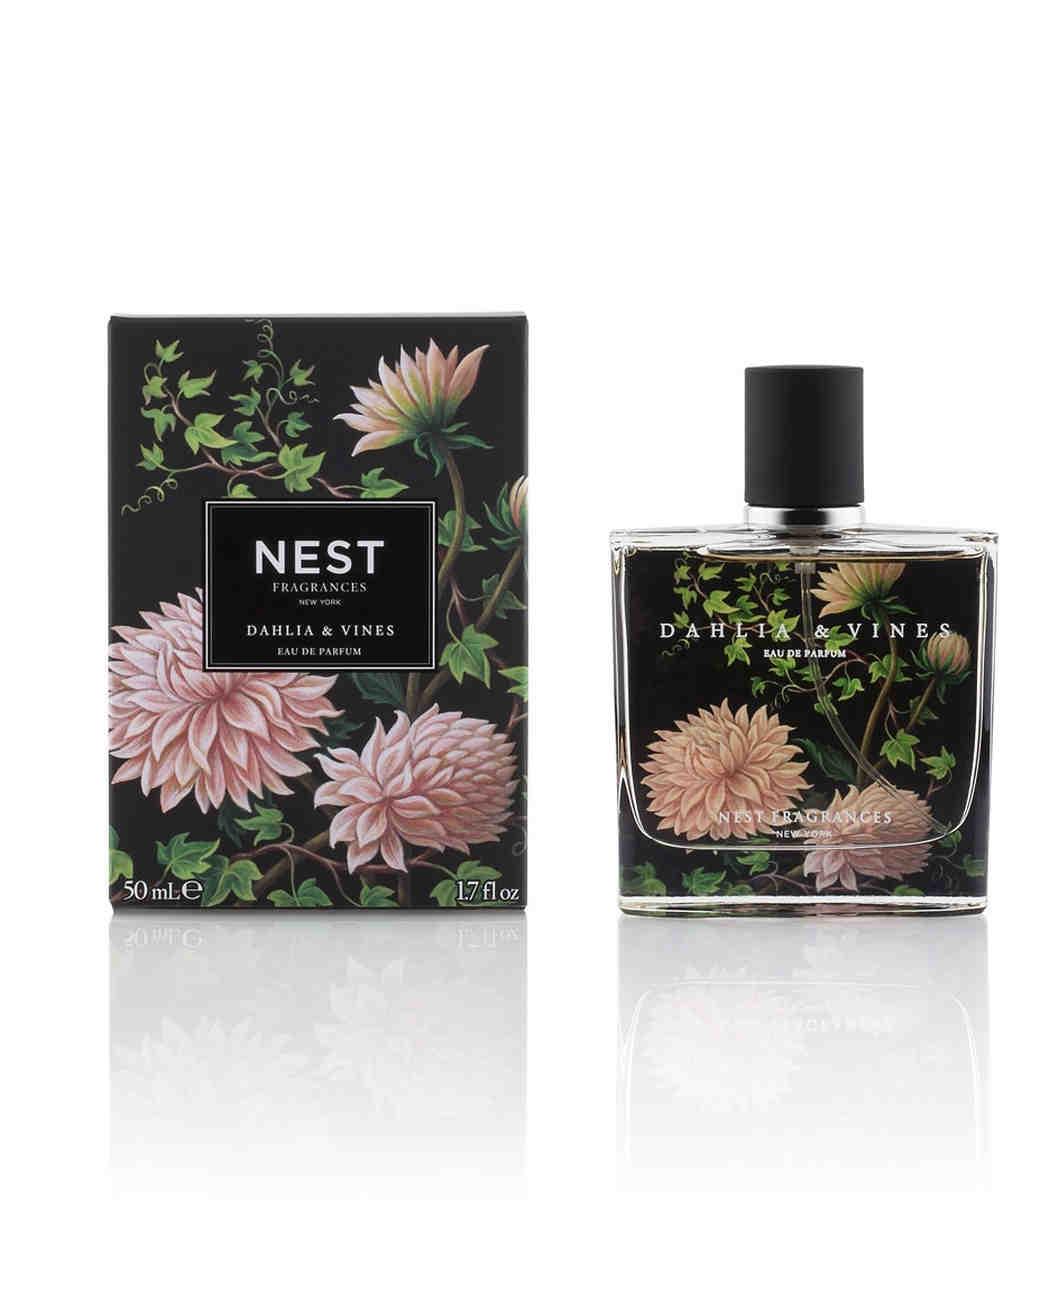 mother-bride-groom-gift-nest-fragrance-0415.jpg